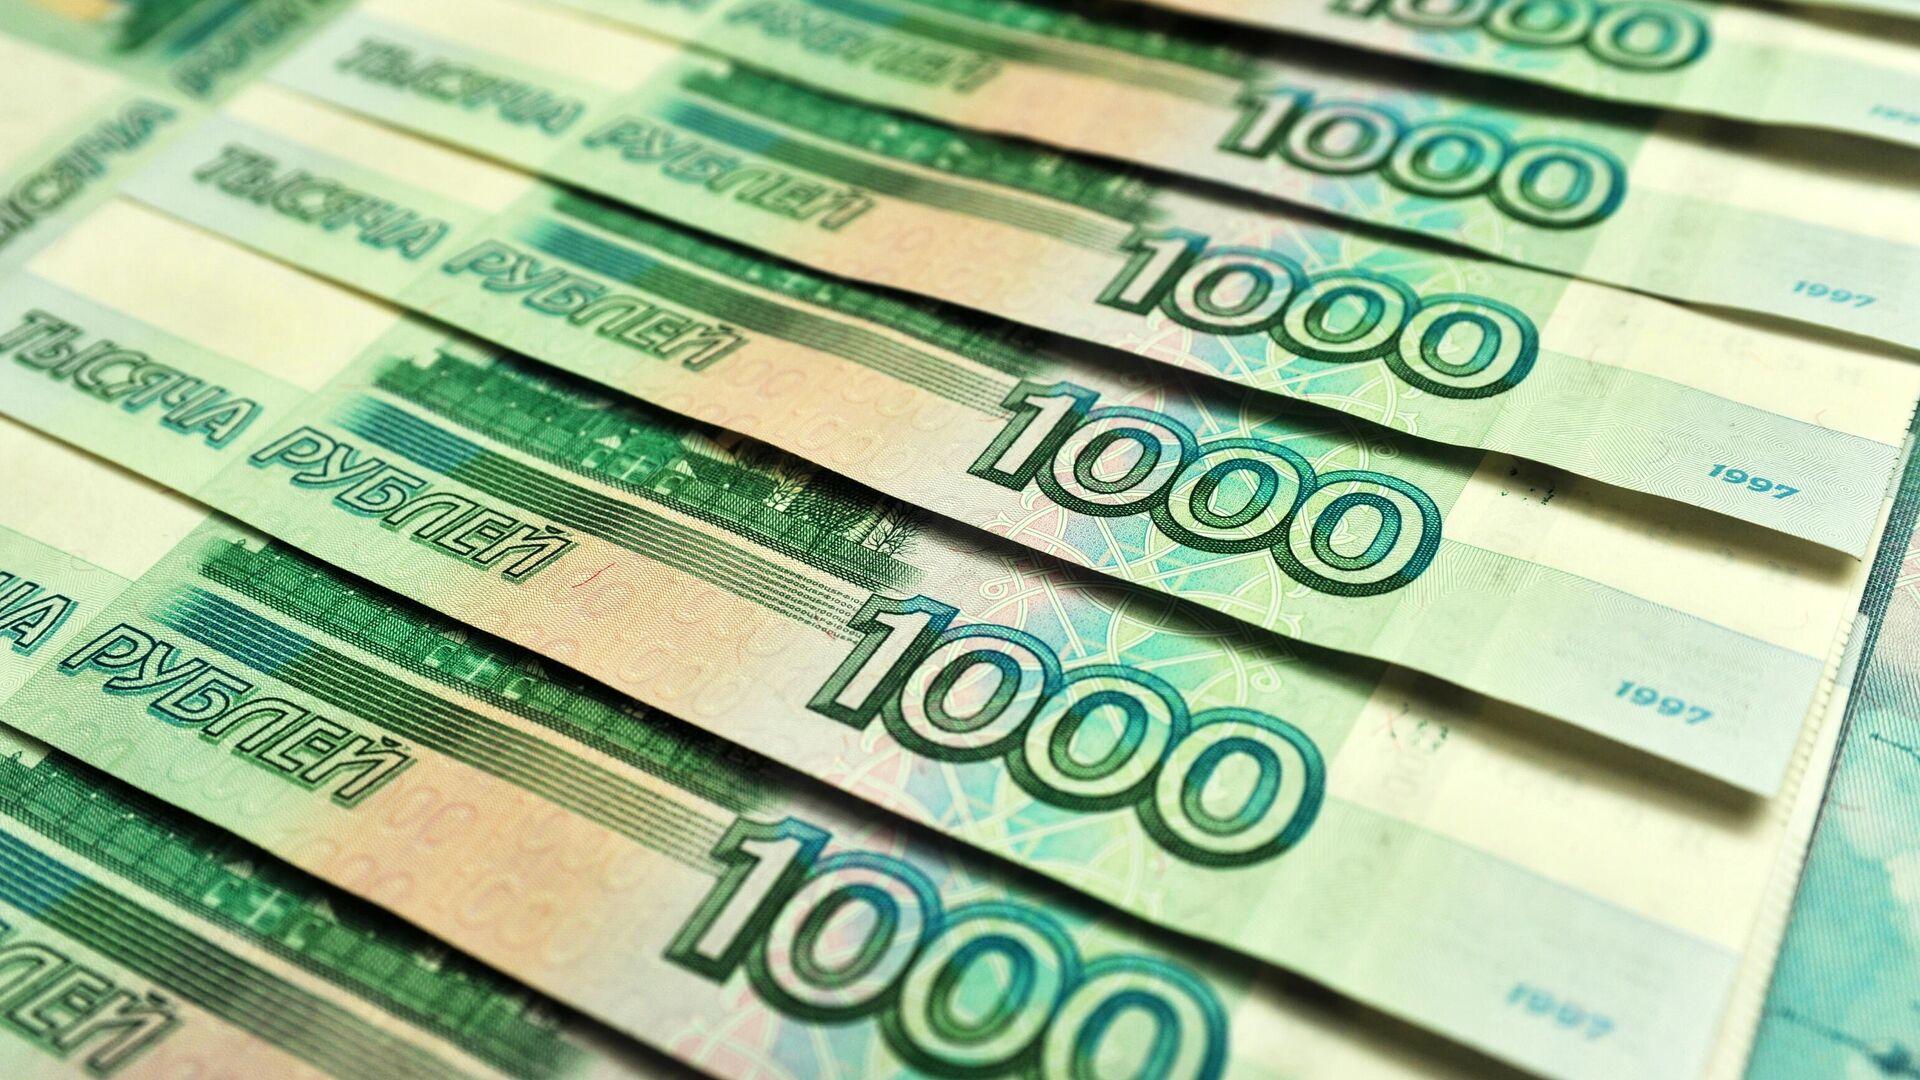 Банкноты номиналом 1000 рублей - РИА Новости, 1920, 06.09.2020